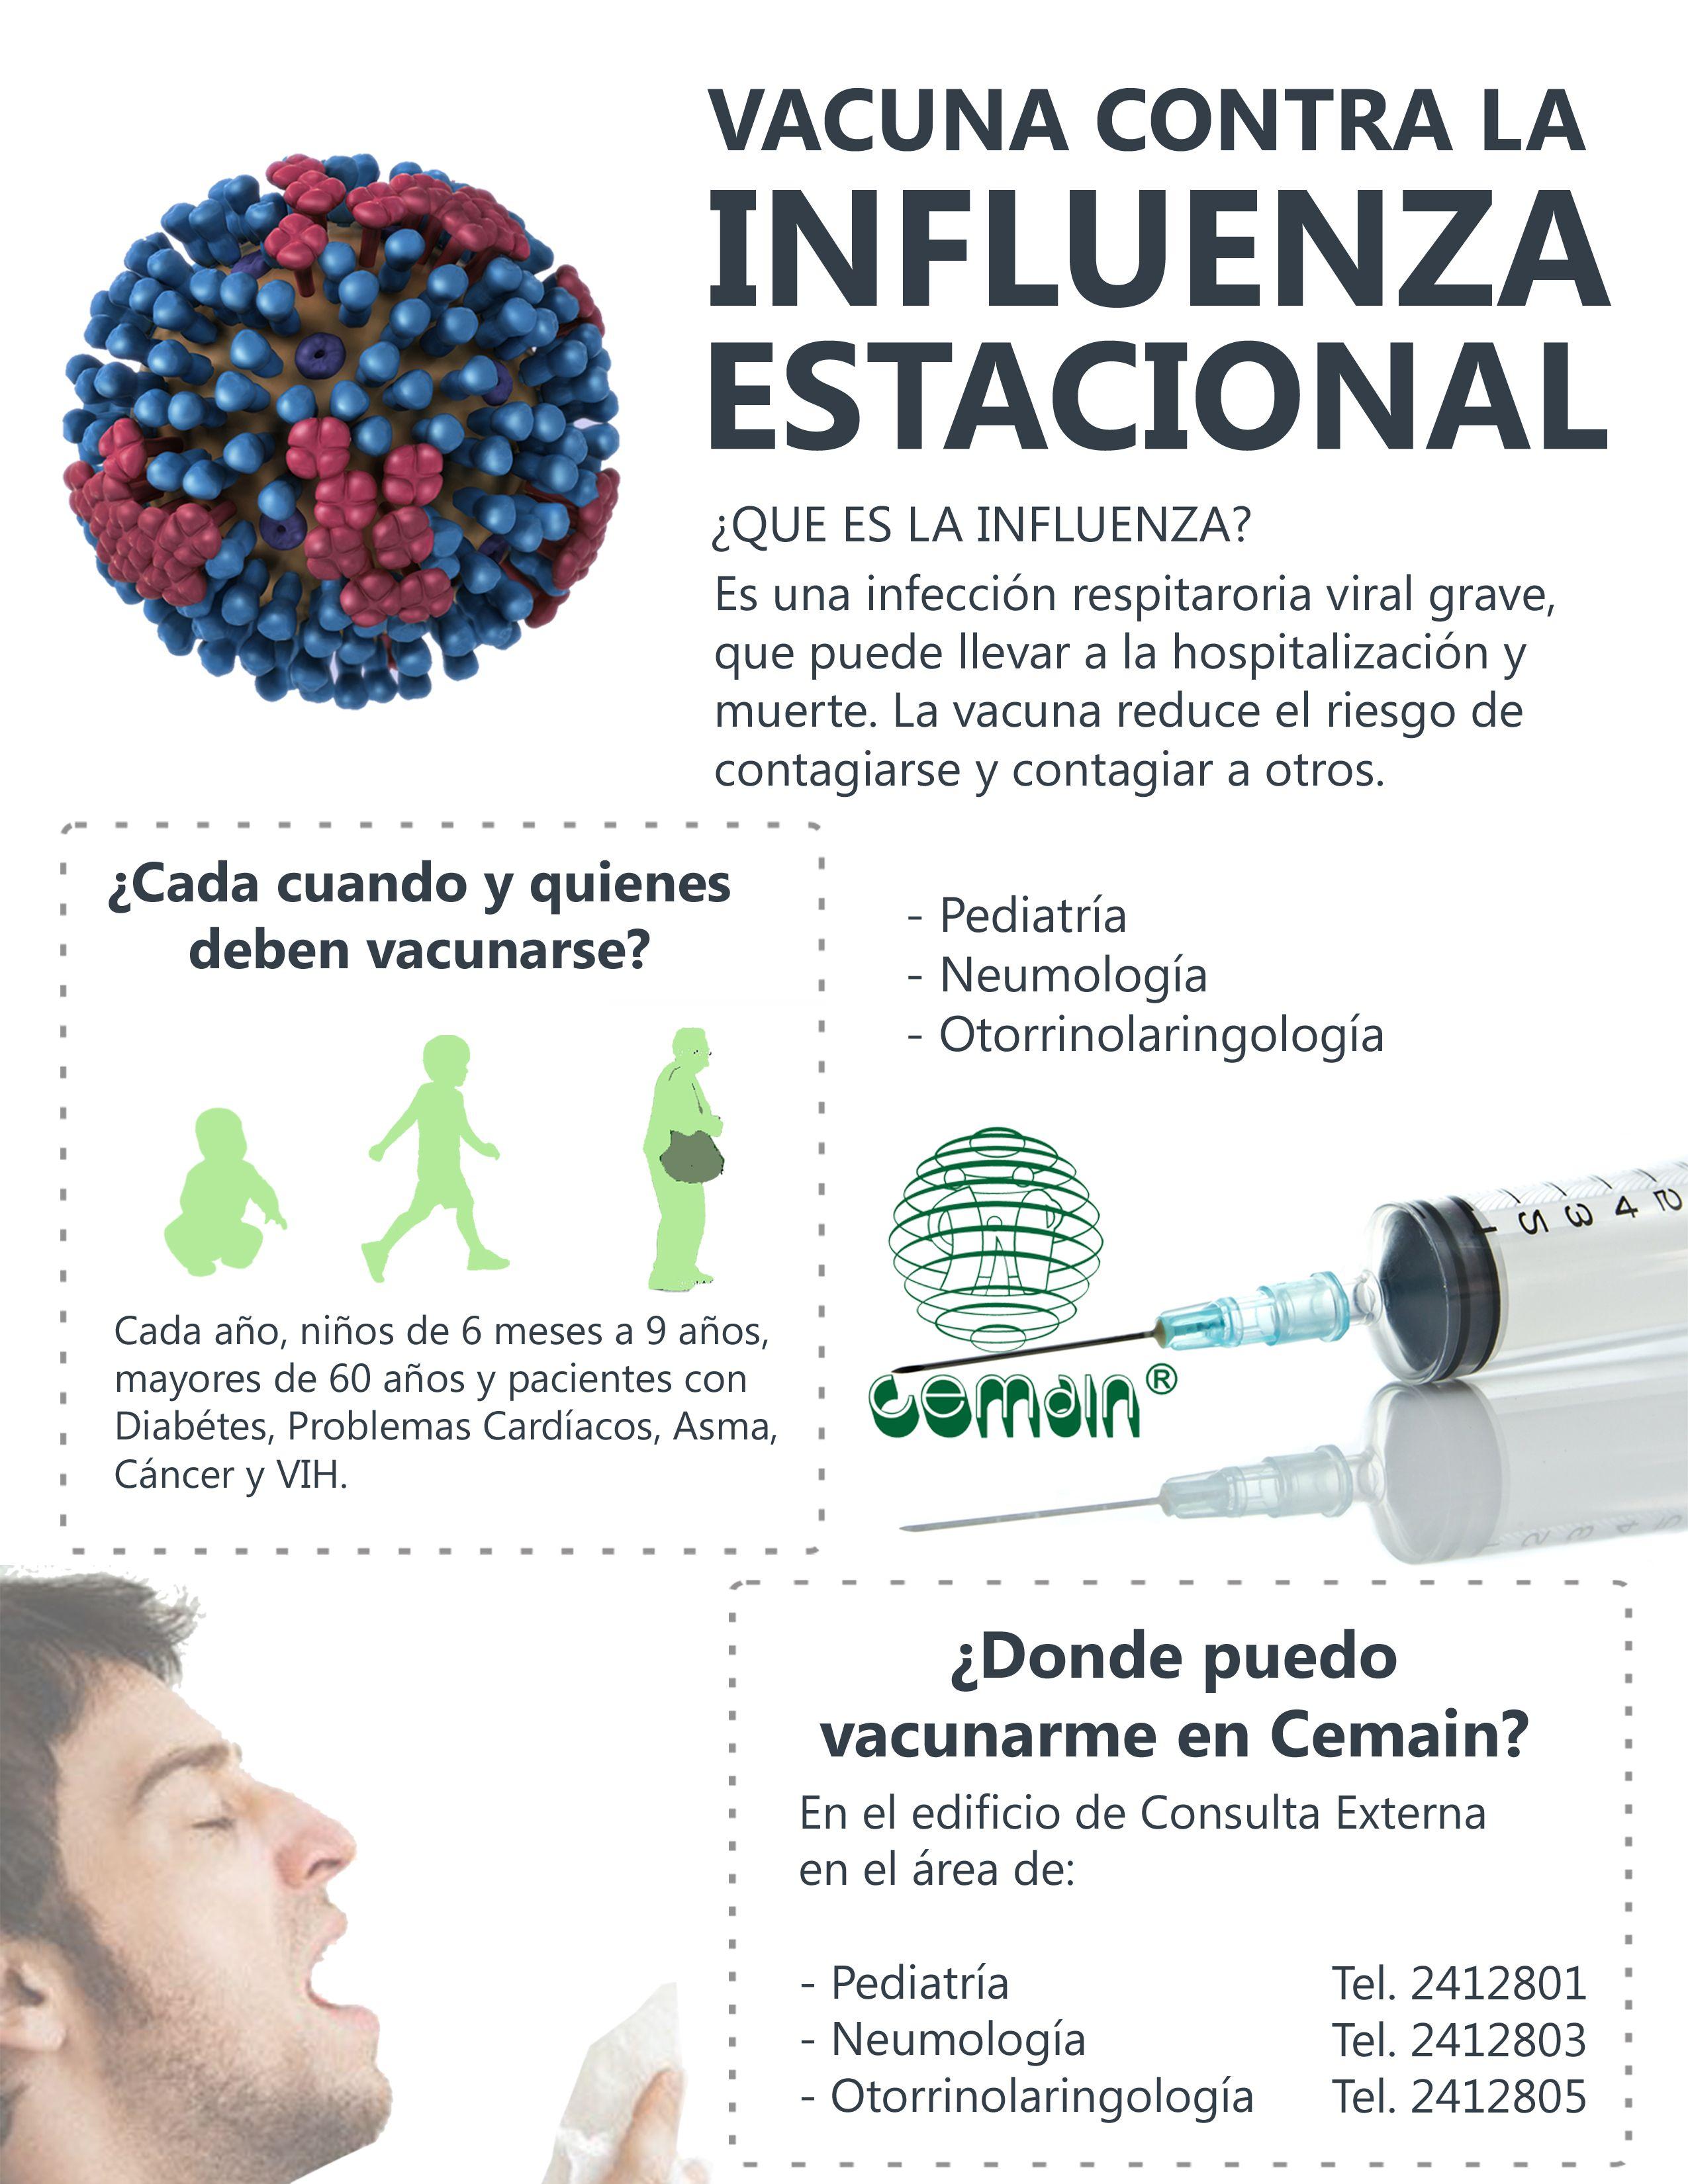 Vacunate contra la influenza estacional. Vacunas